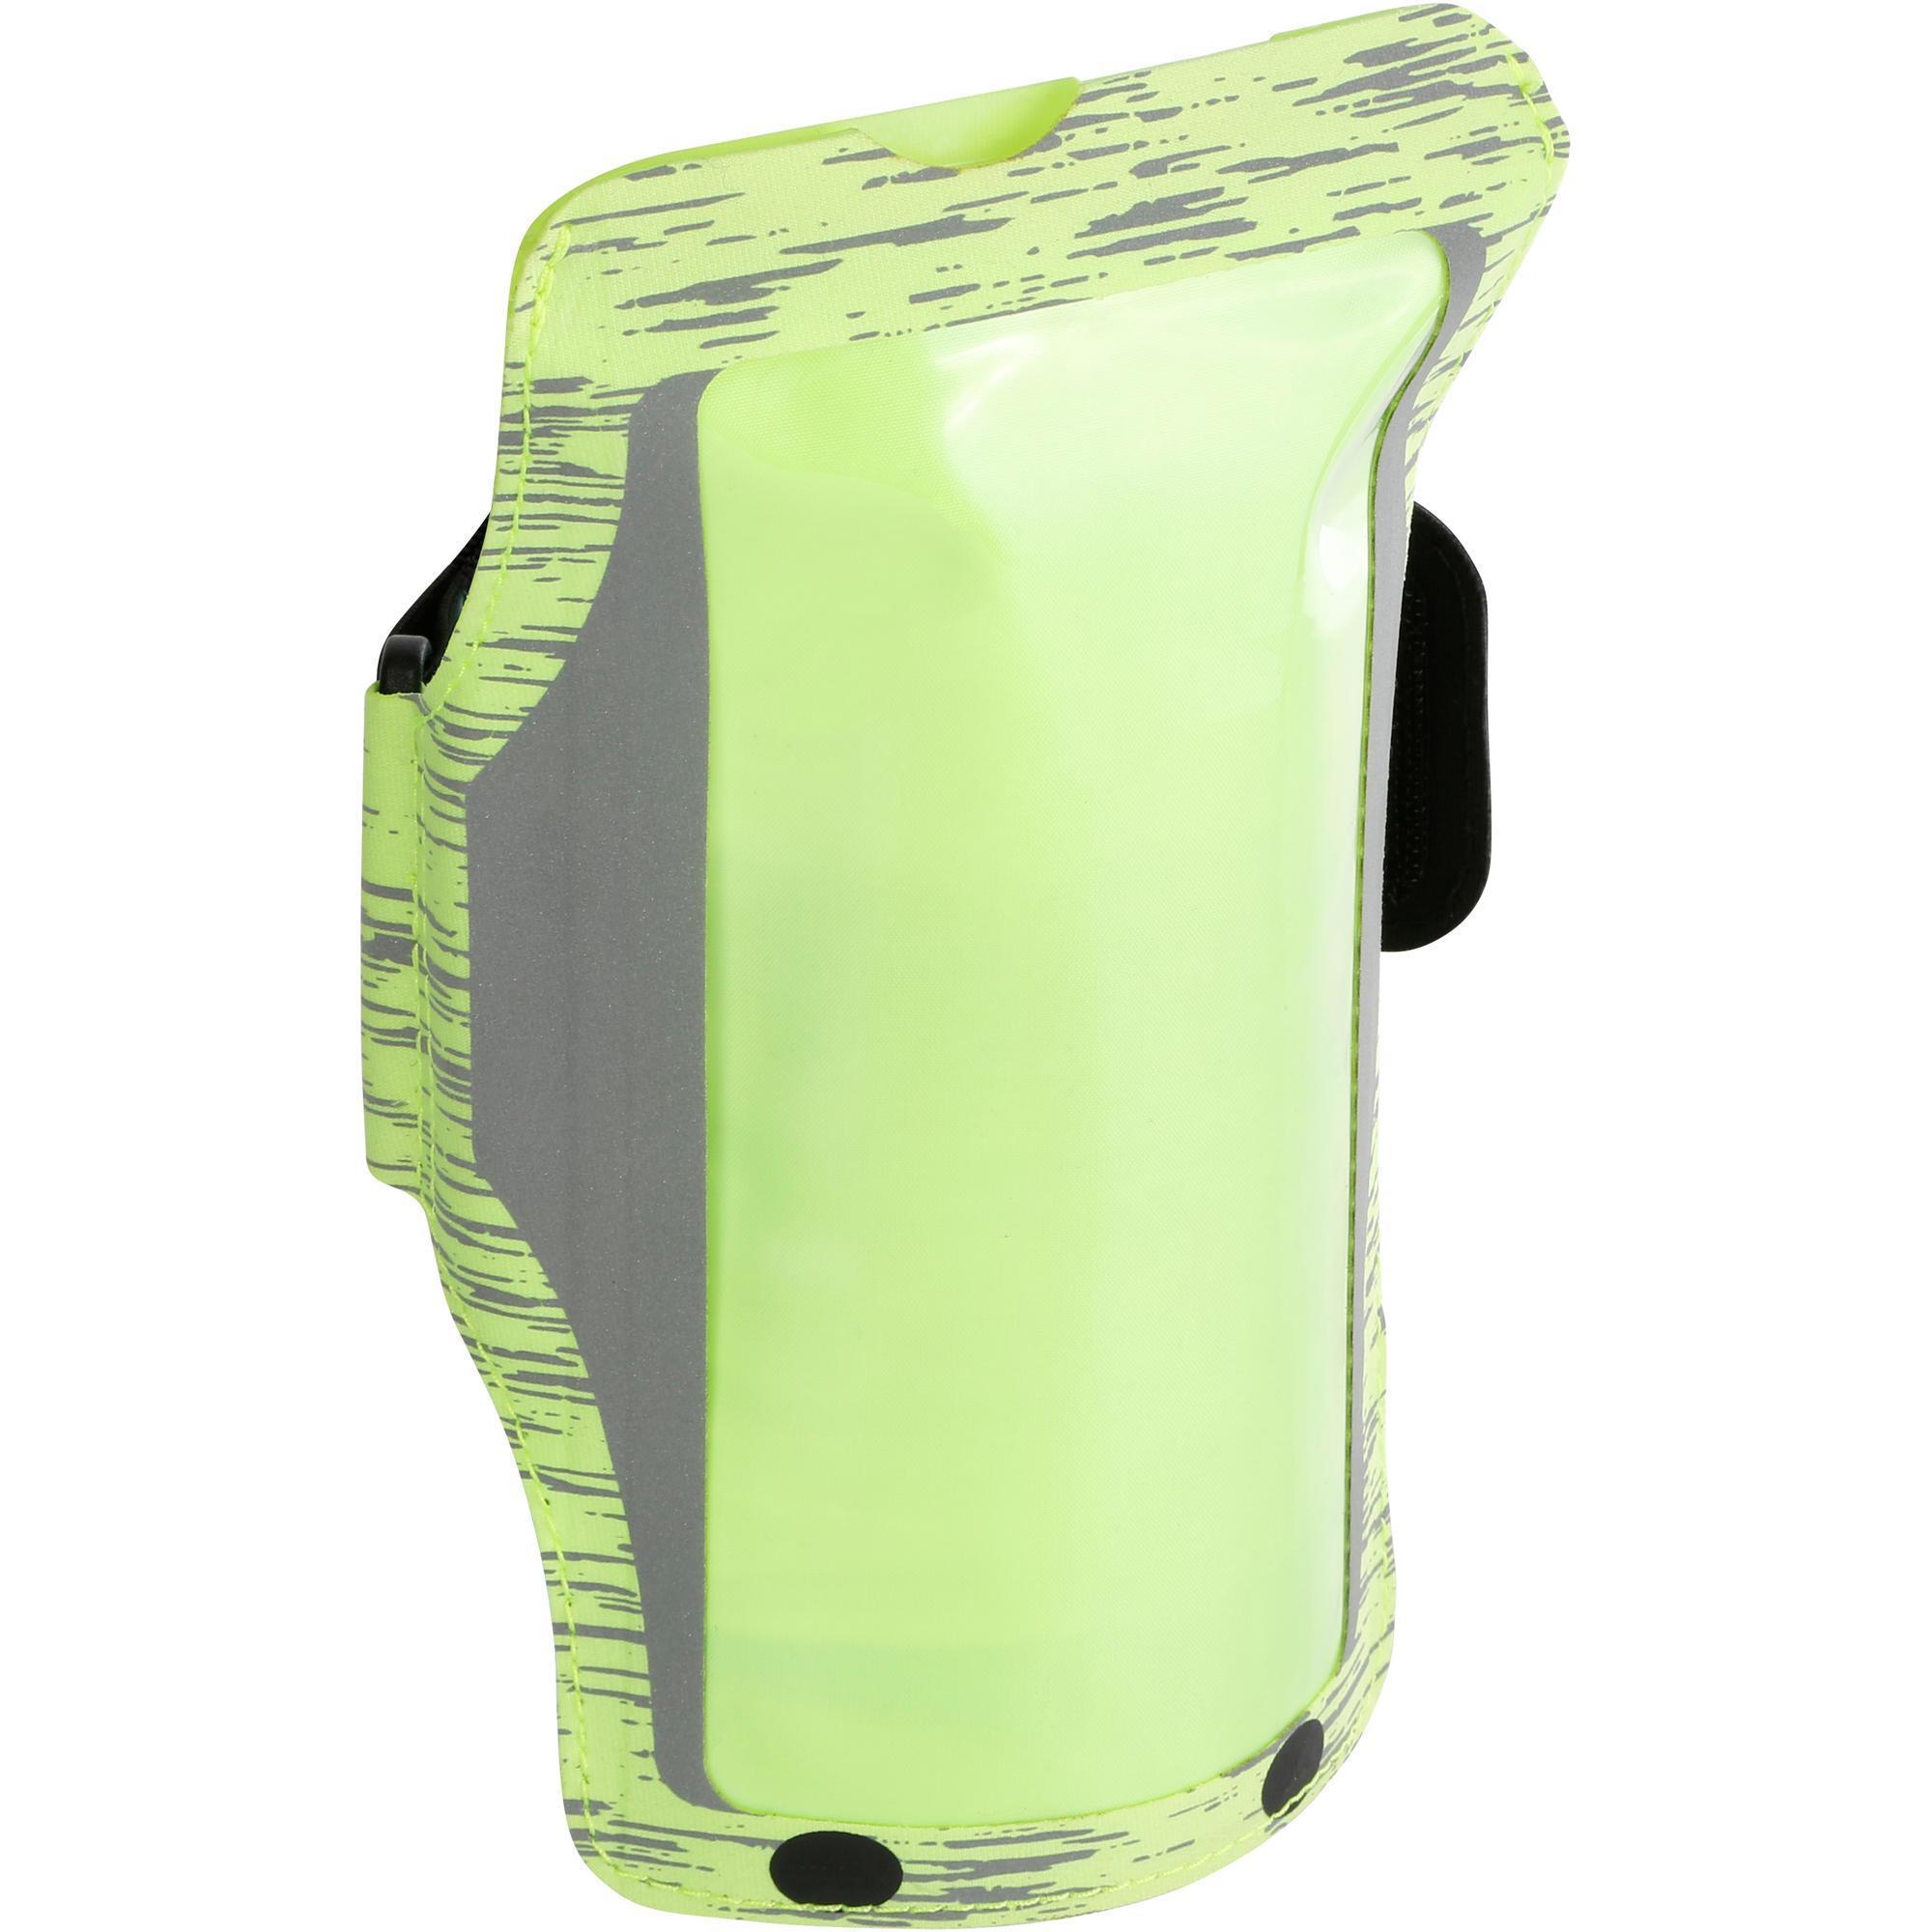 Kalenji Smartphonearmband groot hardlopen kopen? Sport>Elektronica>Smartphone accessoires met voordeel vind je hier